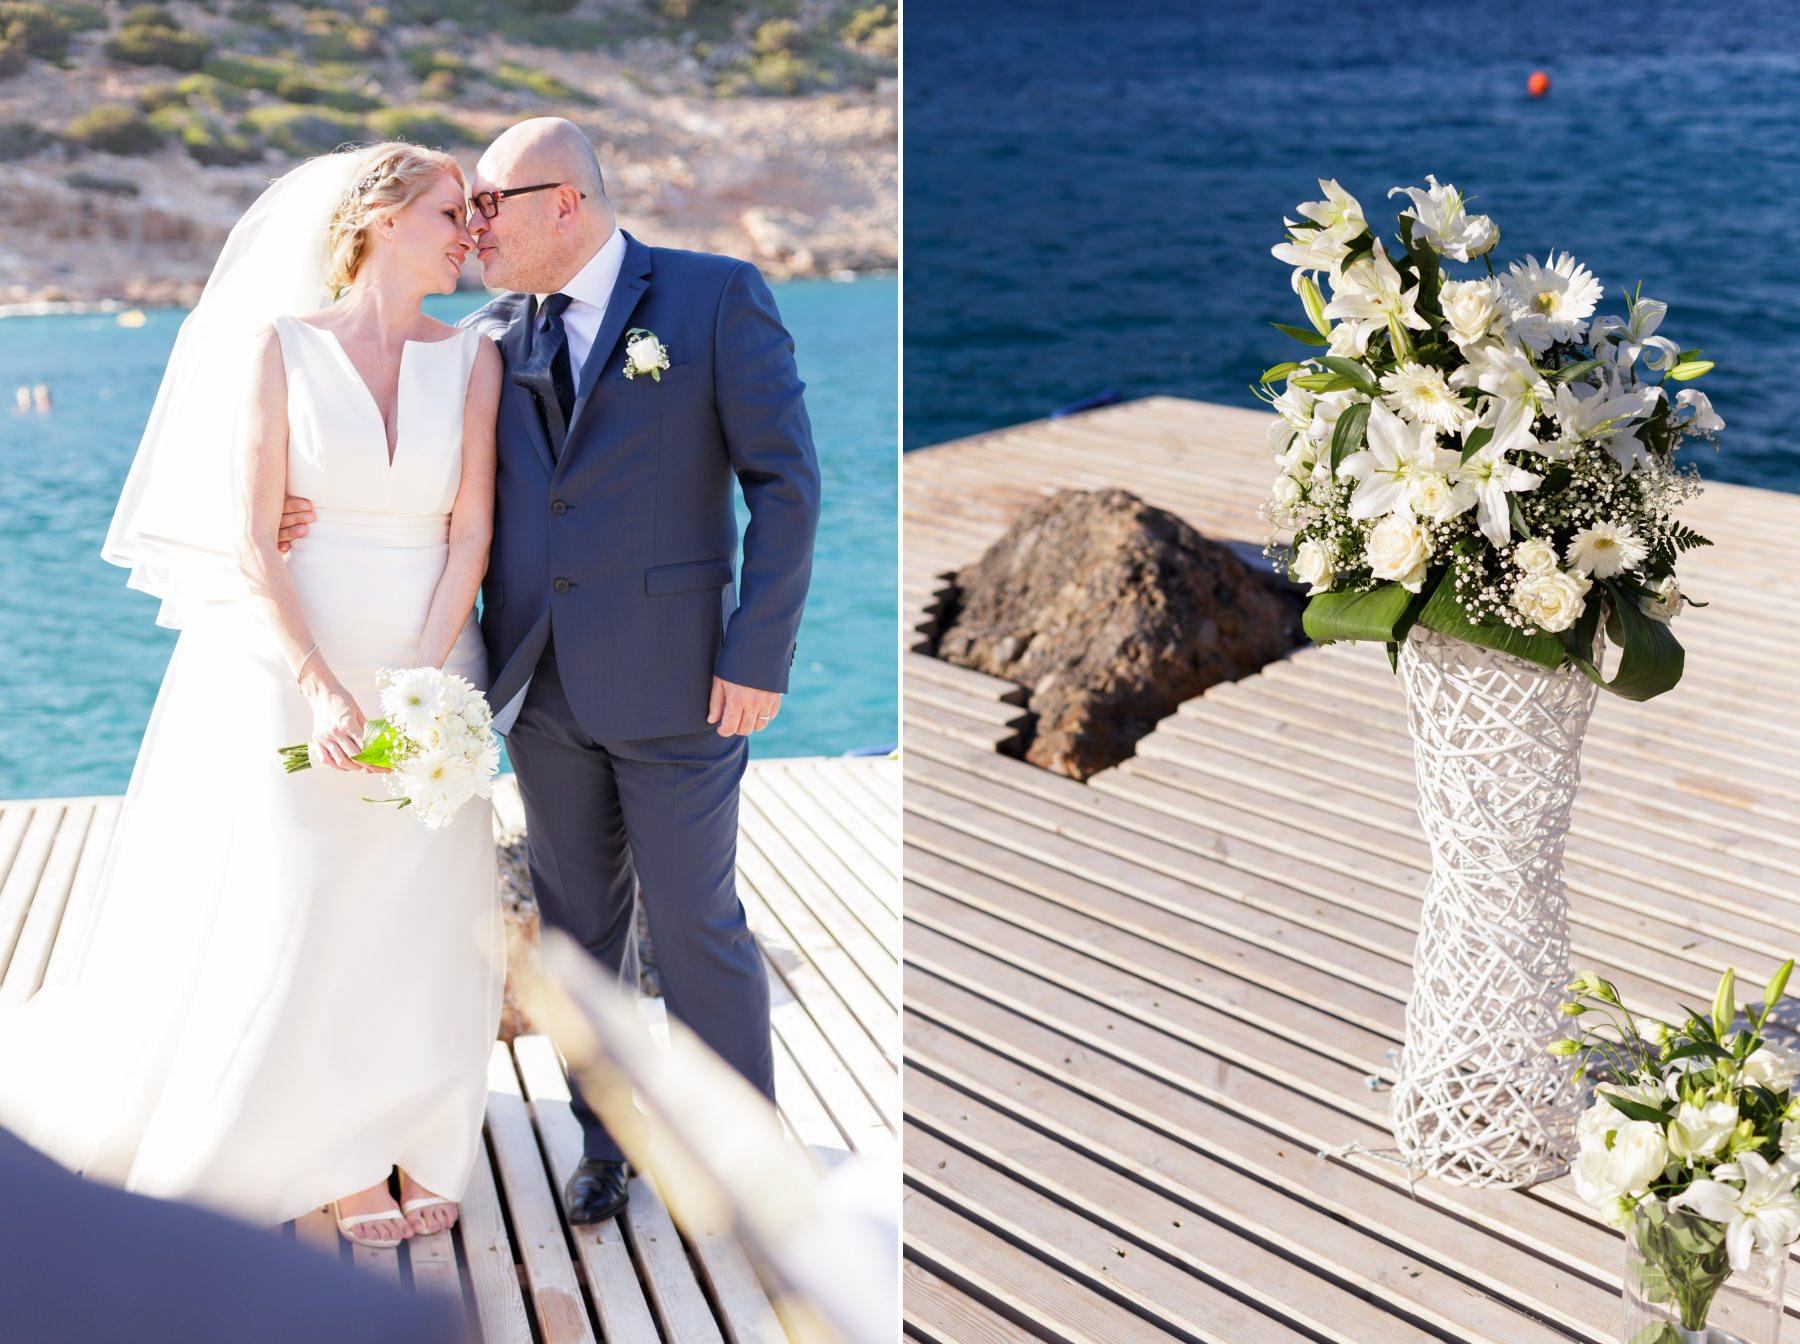 –Ένας αξιαγάπητος γάμος στην παραλία –Φανταστικός γάμος σε νησί  –Φωτογράφηση ενός υπέροχου ζευγαριού στα Χανιά 2d500df4e44